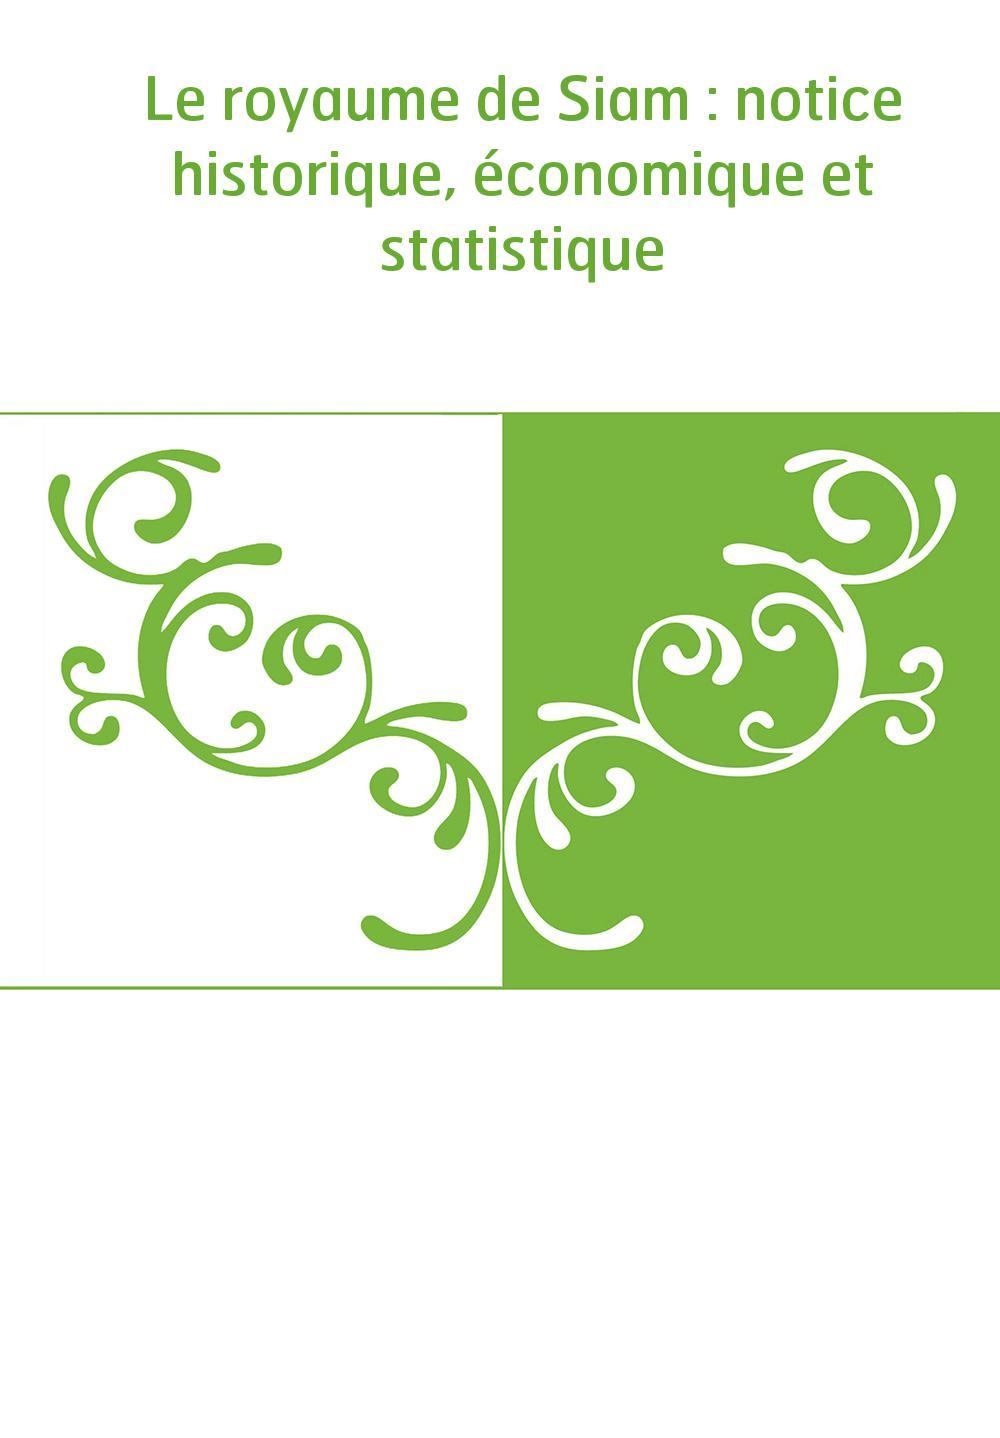 Le royaume de Siam : notice historique, économique et statistique